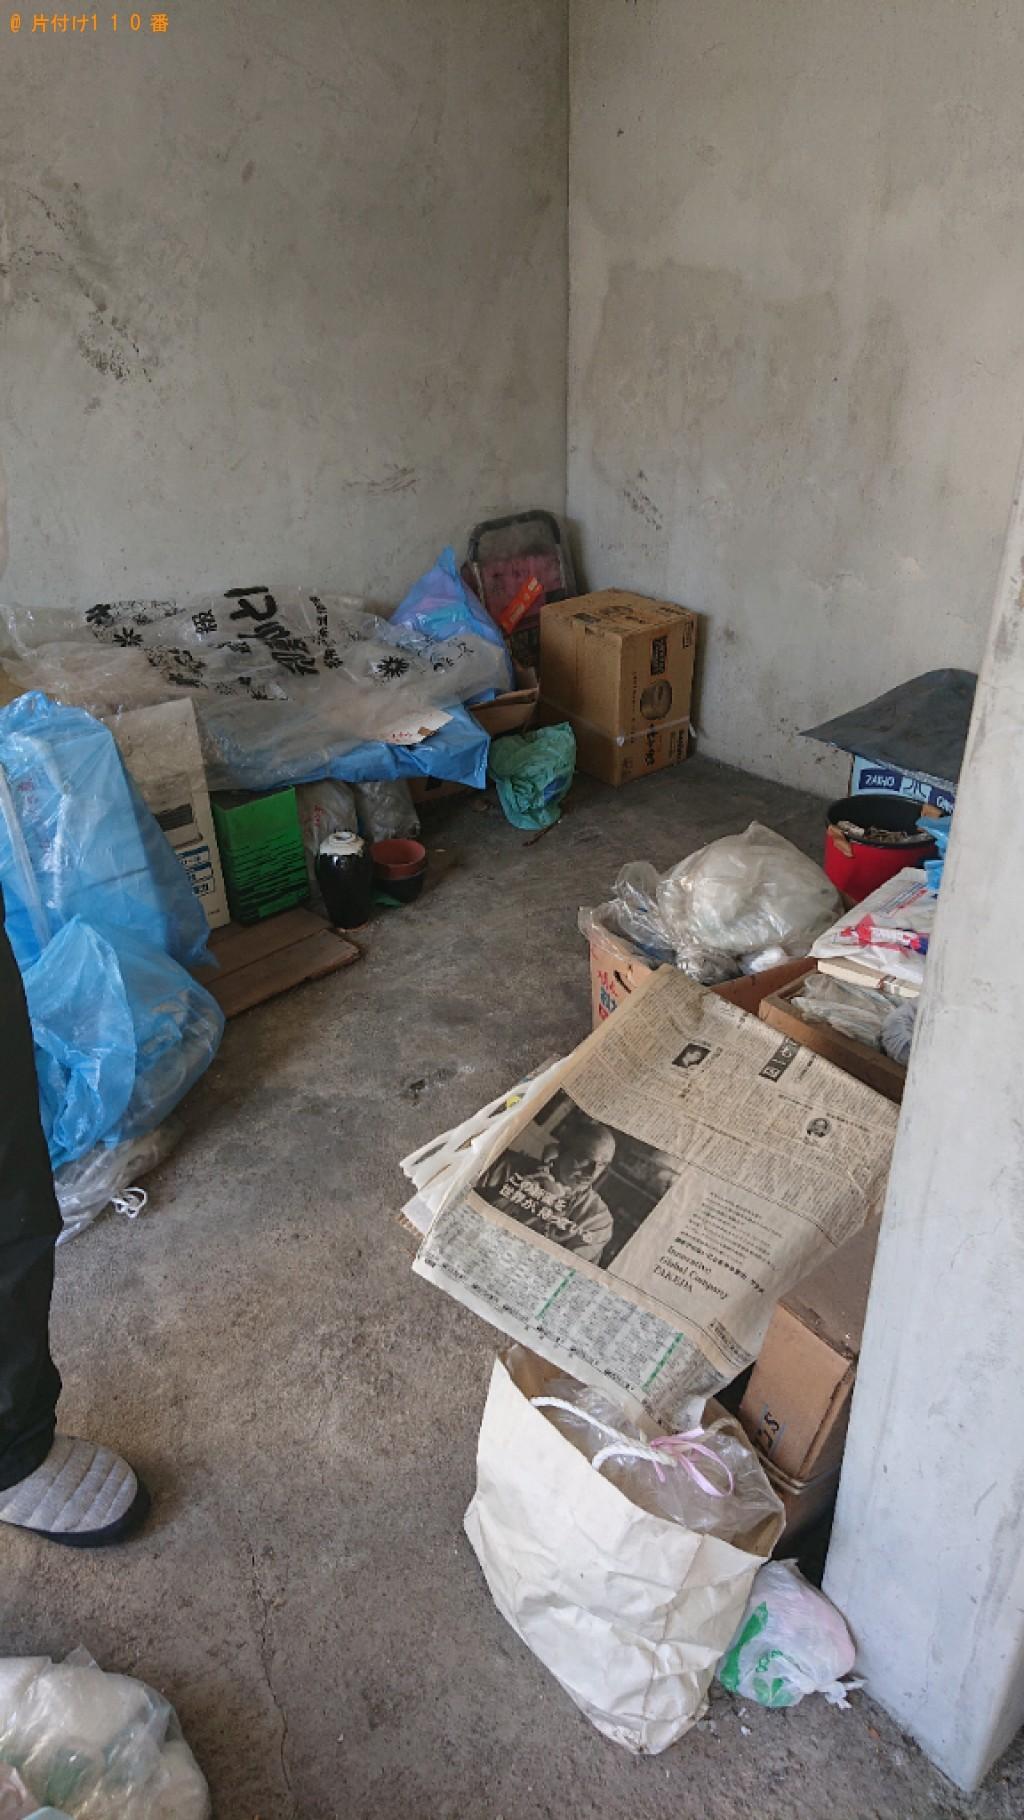 【長野市】植木鉢、ダンボール等の回収とハウスクリーニングご依頼